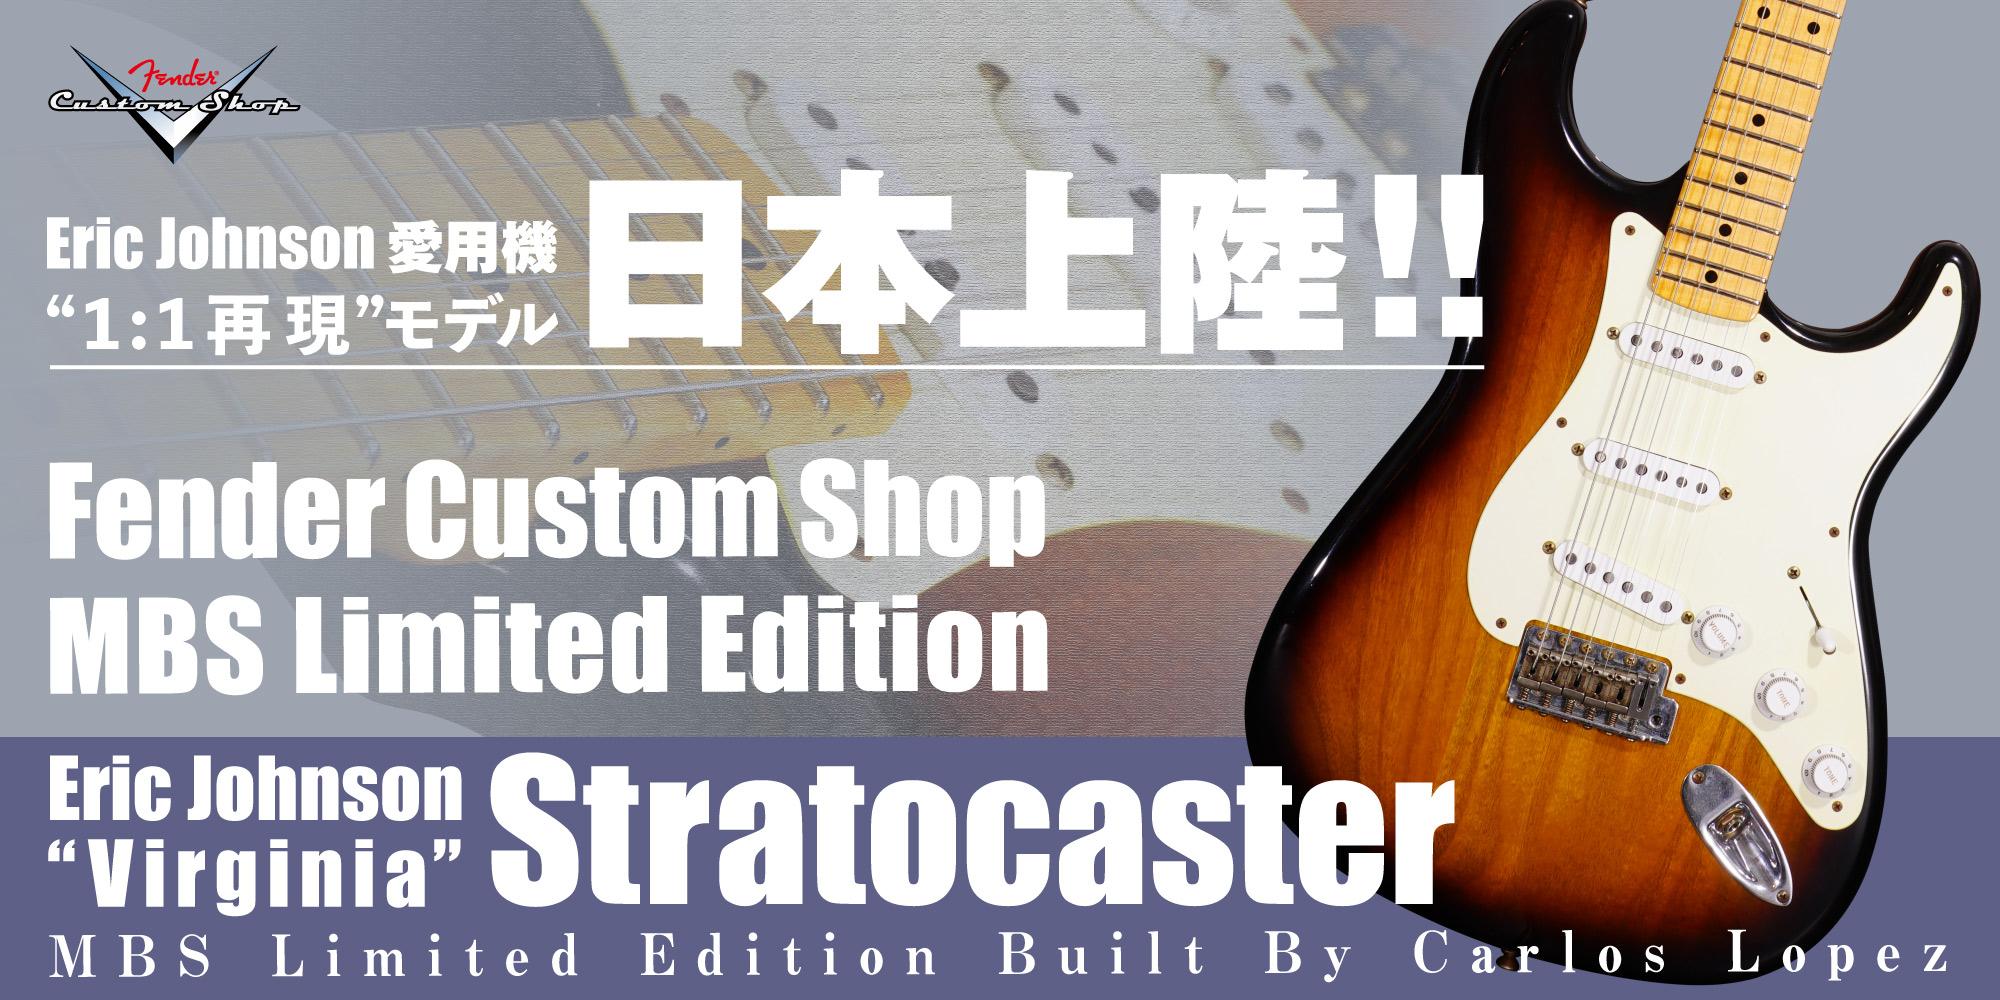 """エリック・ジョンソンが愛用する1954 """"VIRGINIA"""" STRATOCASTERの究極再現モデルが日本上陸!!マスタービルダー、カルロス・ロペスによって50本のみ限定生産!!"""